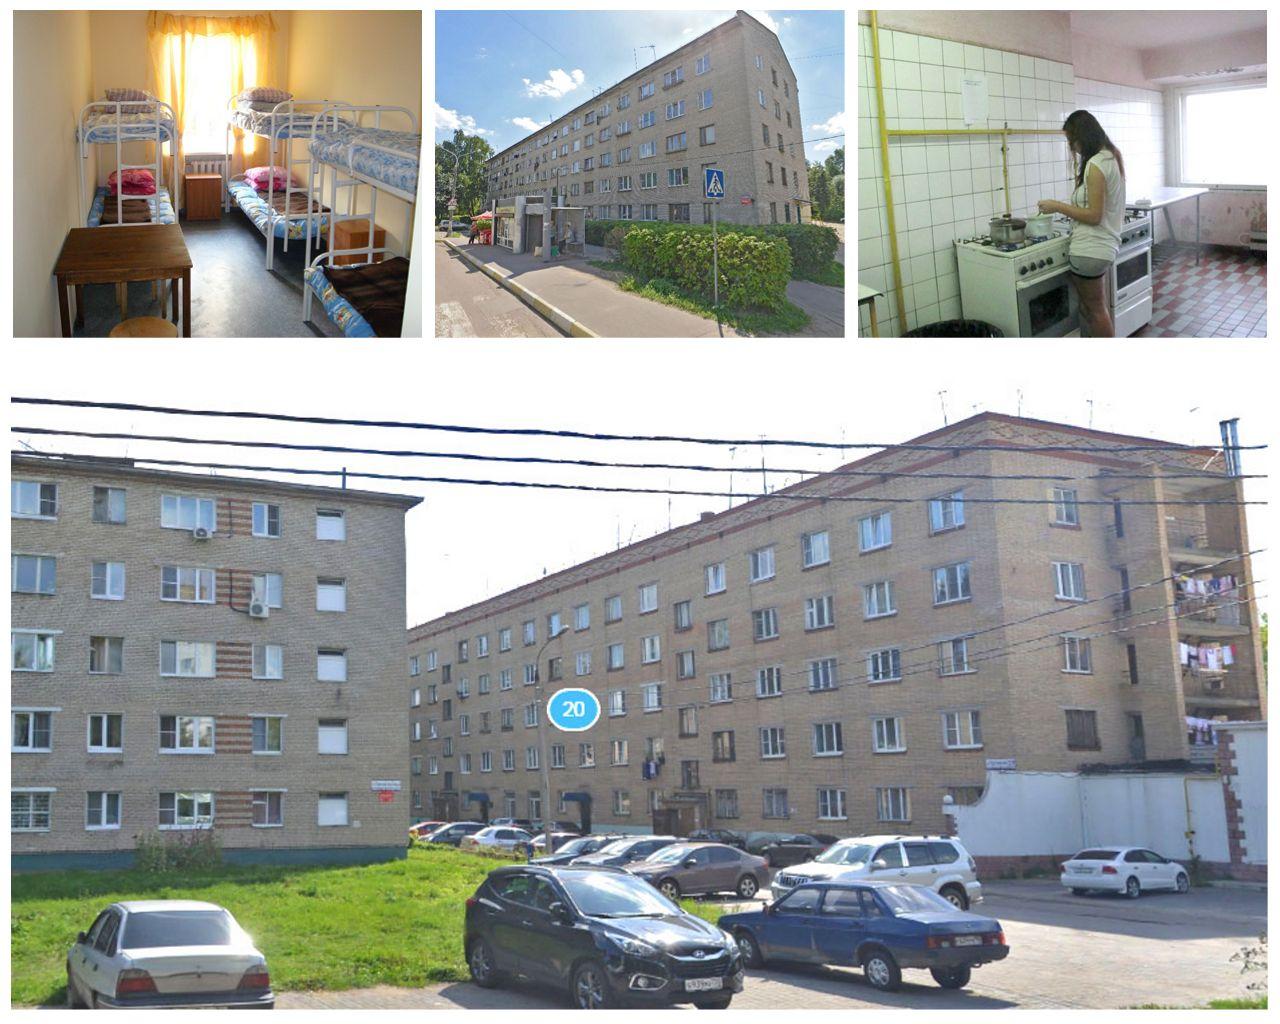 Получение документов на электроснабжение в Ткацкая улица подключение электричества документы